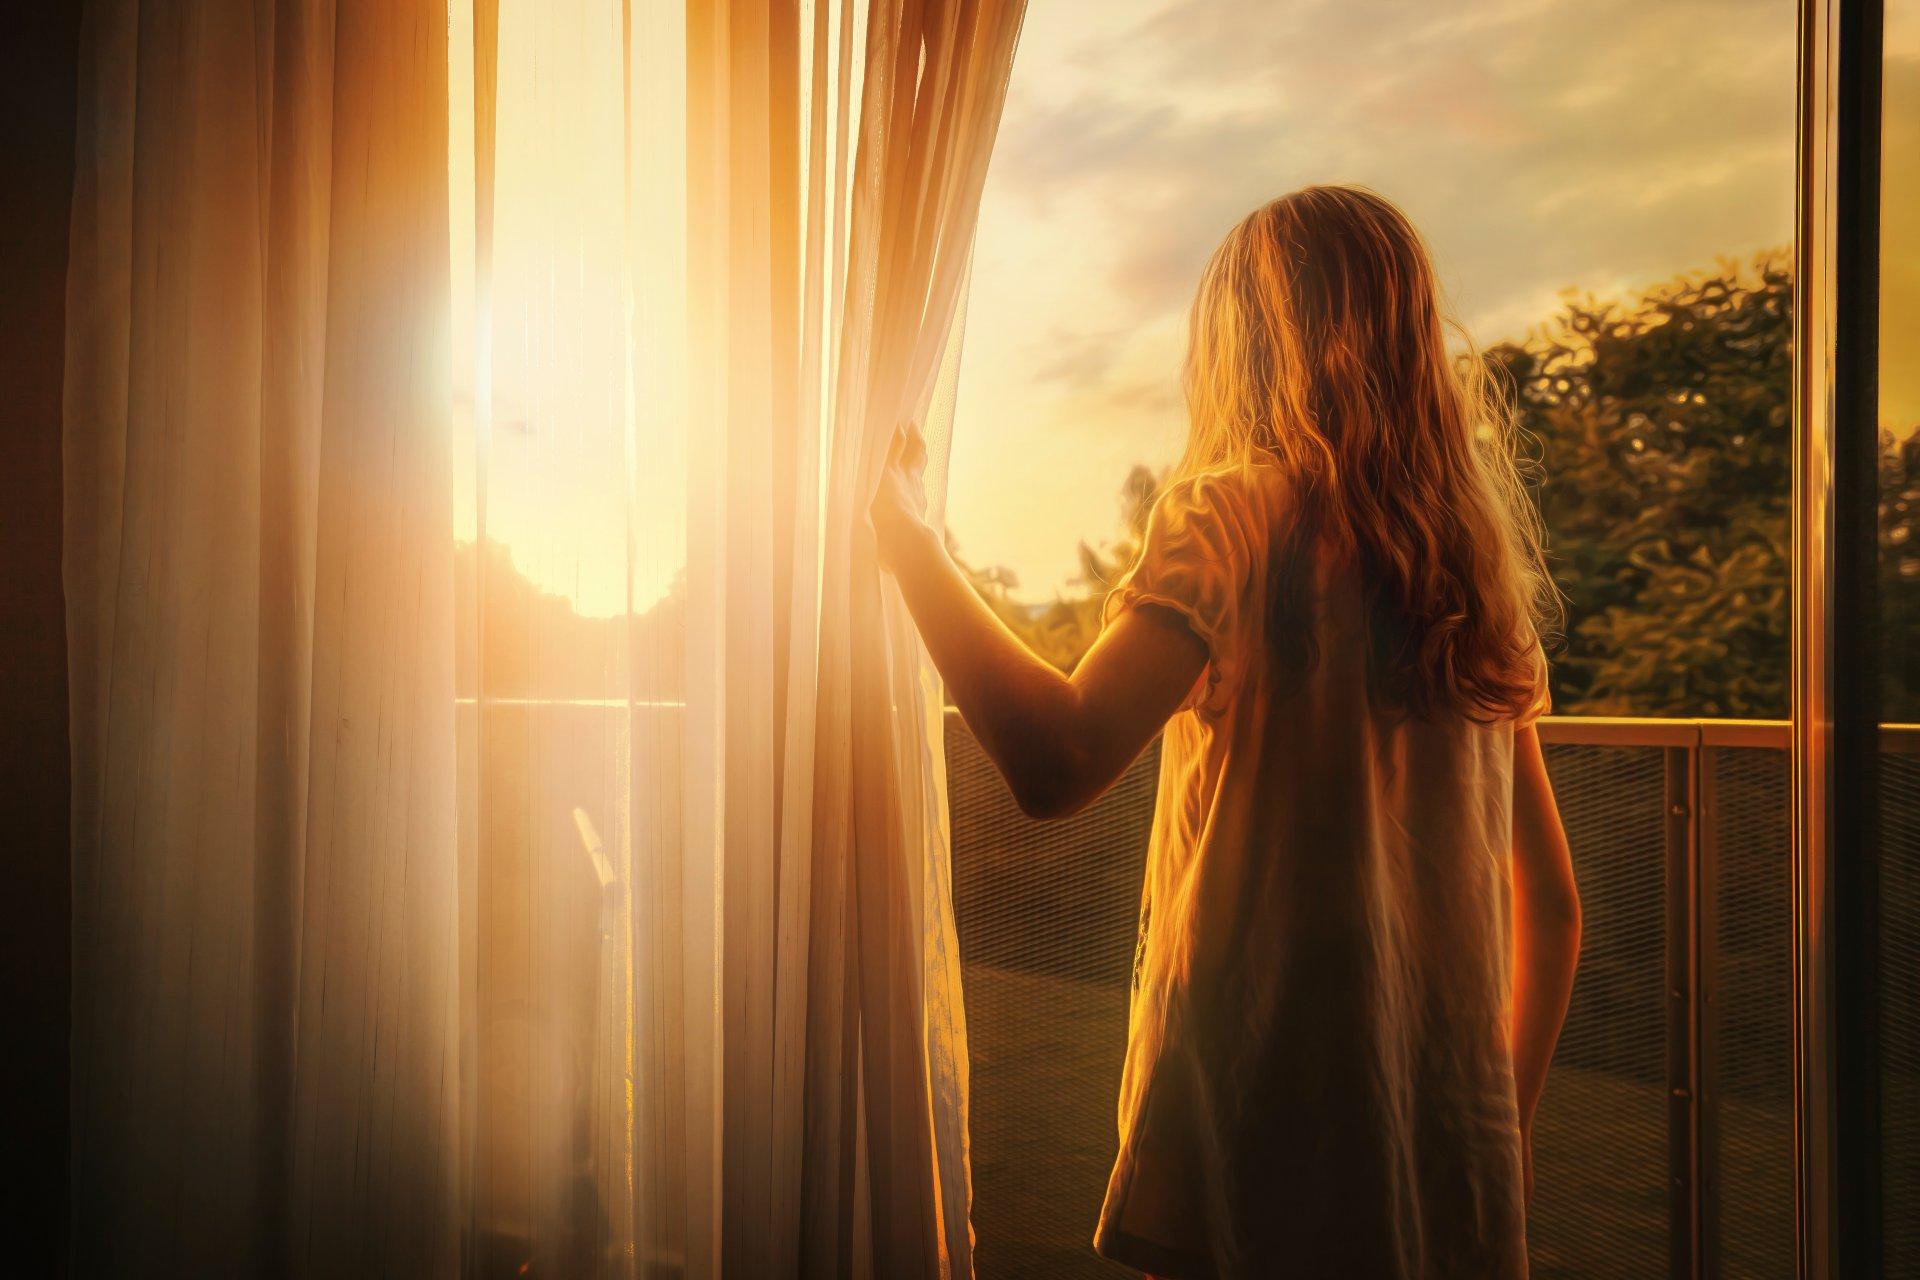 Смотреть фото девушек у окна